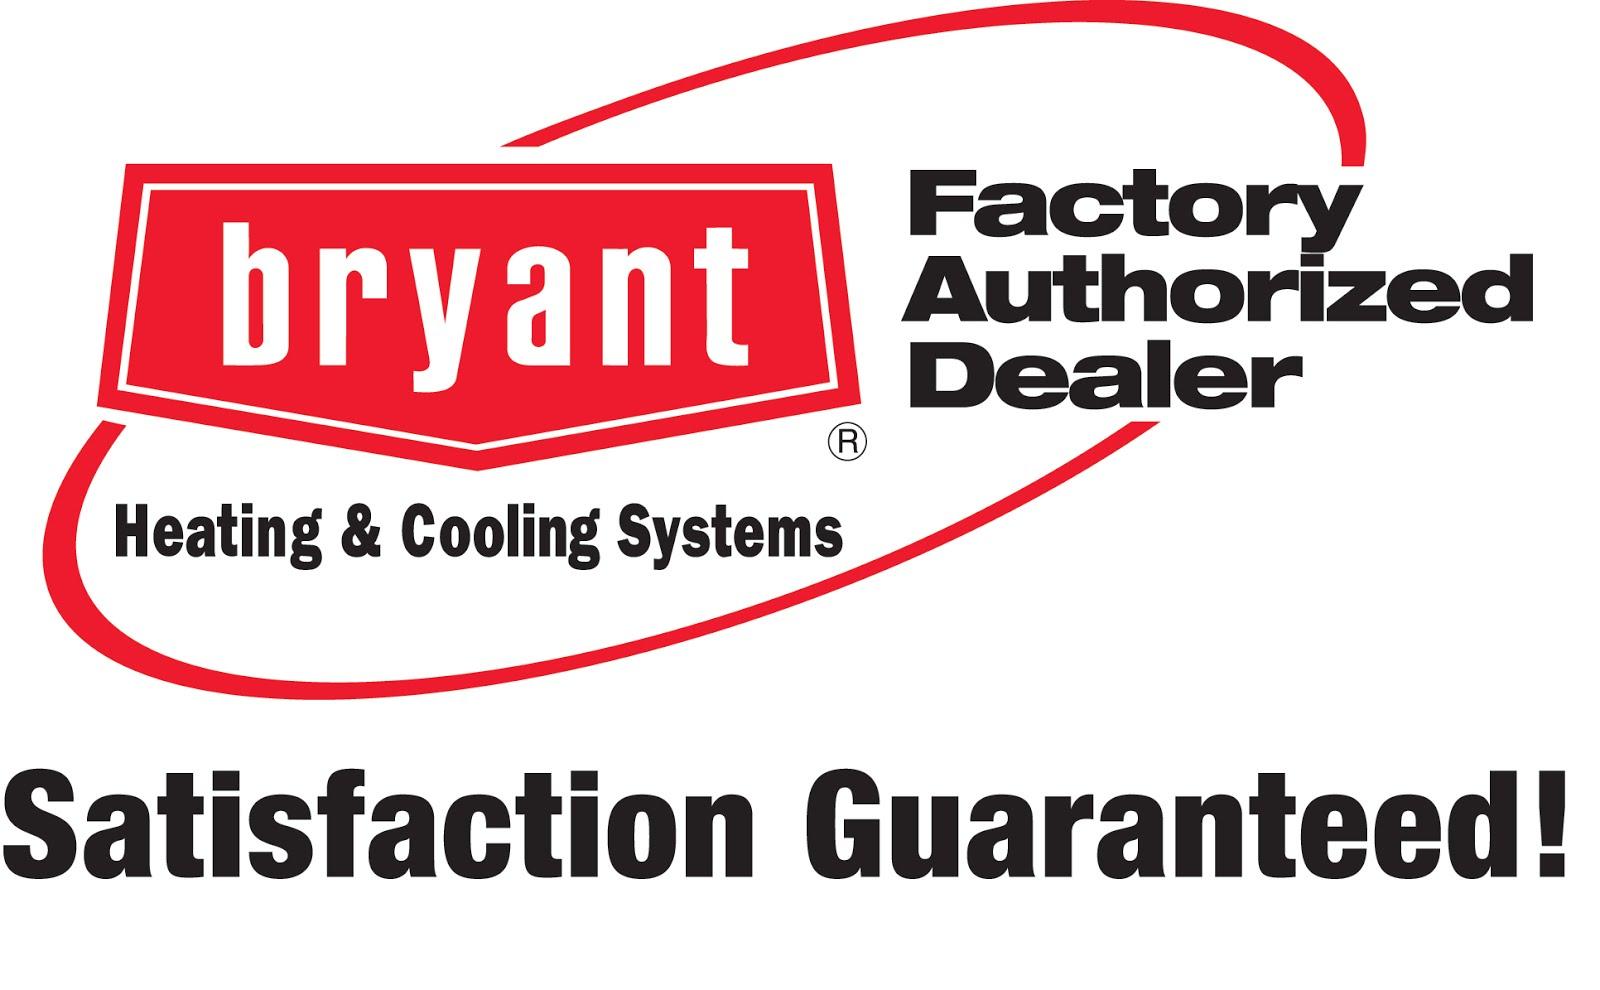 Certified Bryant Dealer in Ann Arbor!